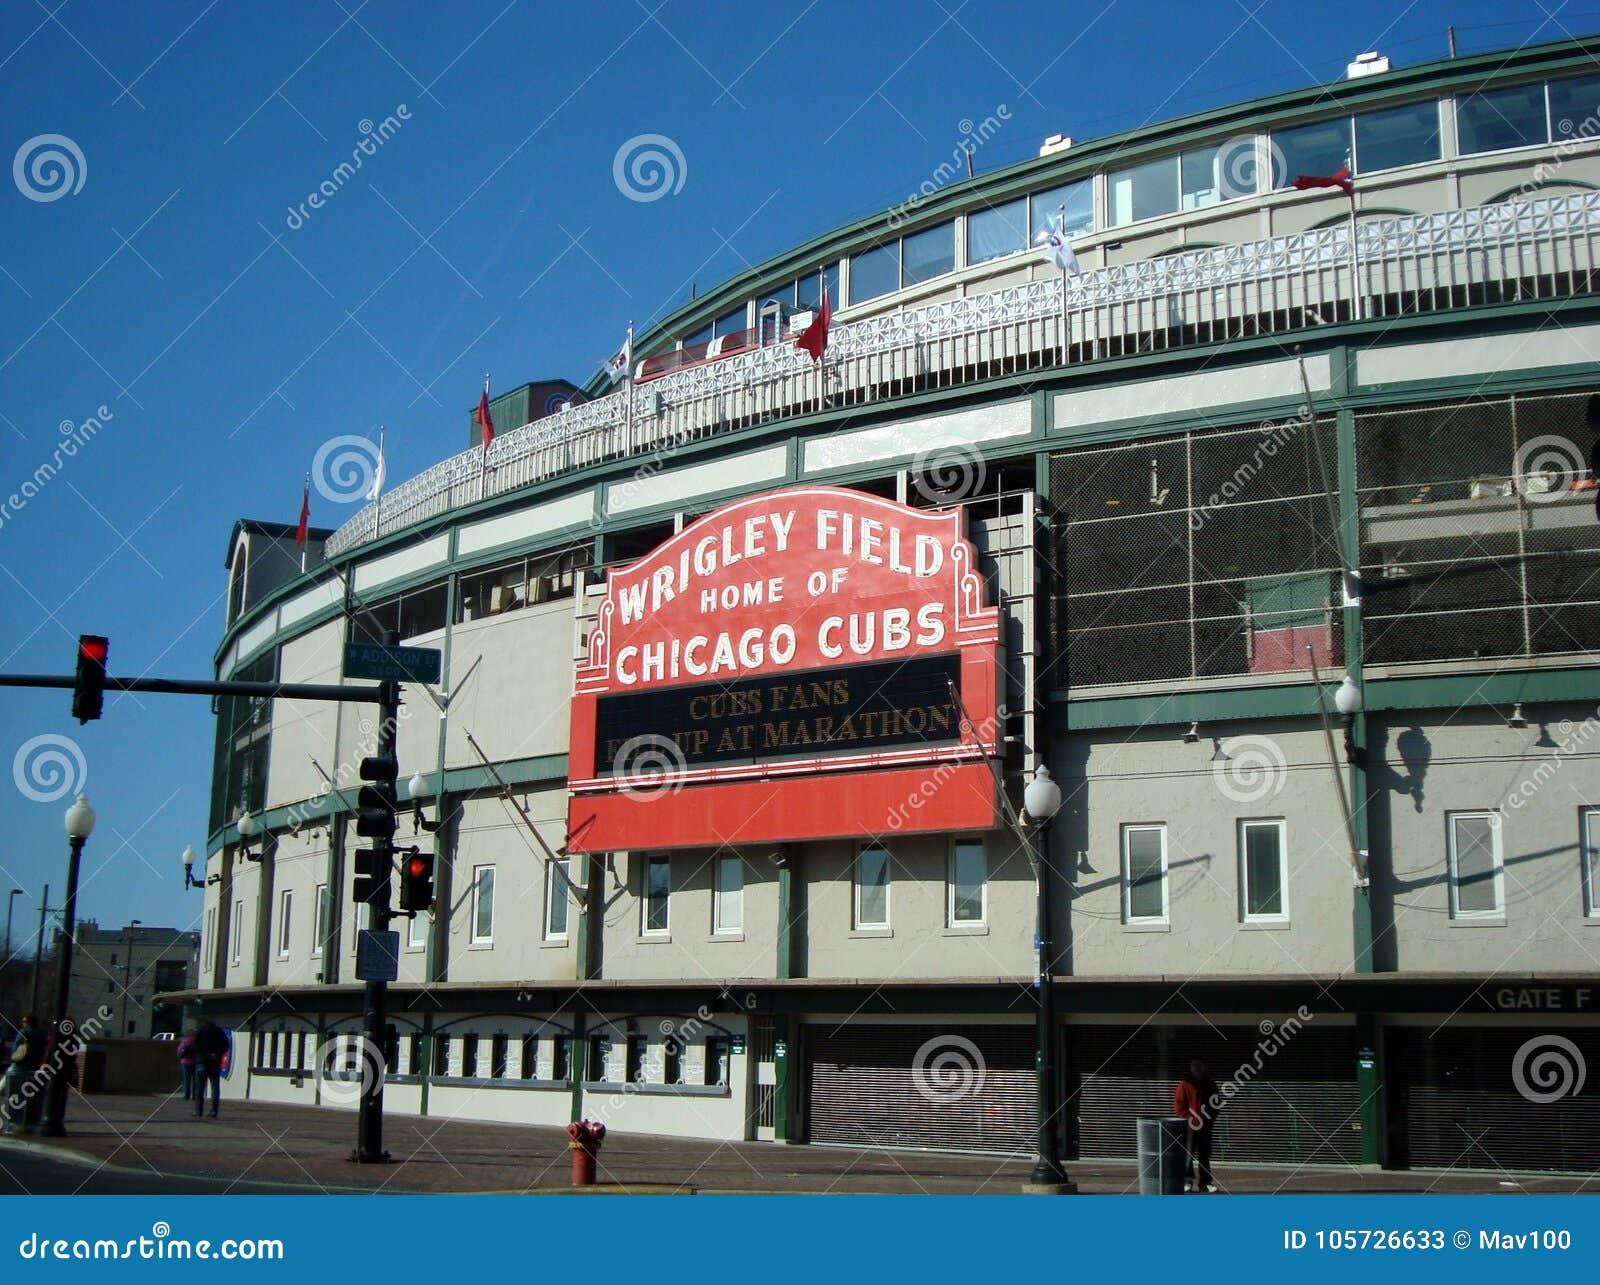 Wrigley coloca Chicago